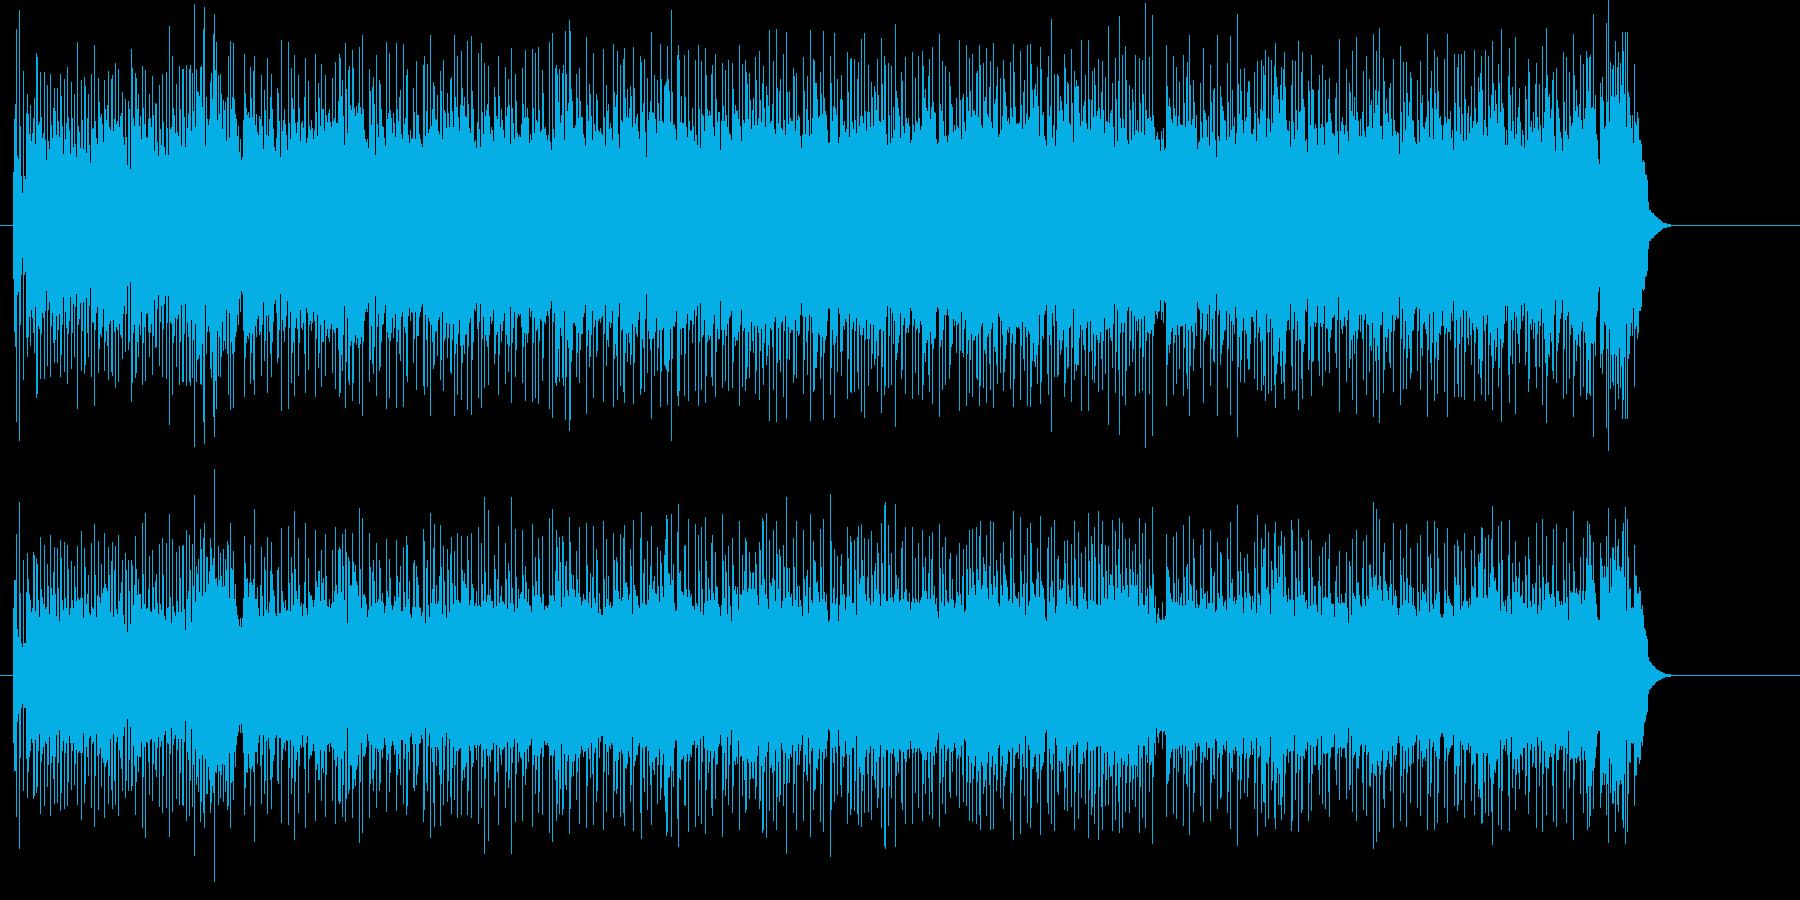 スポーティなオープニング向けギターの再生済みの波形